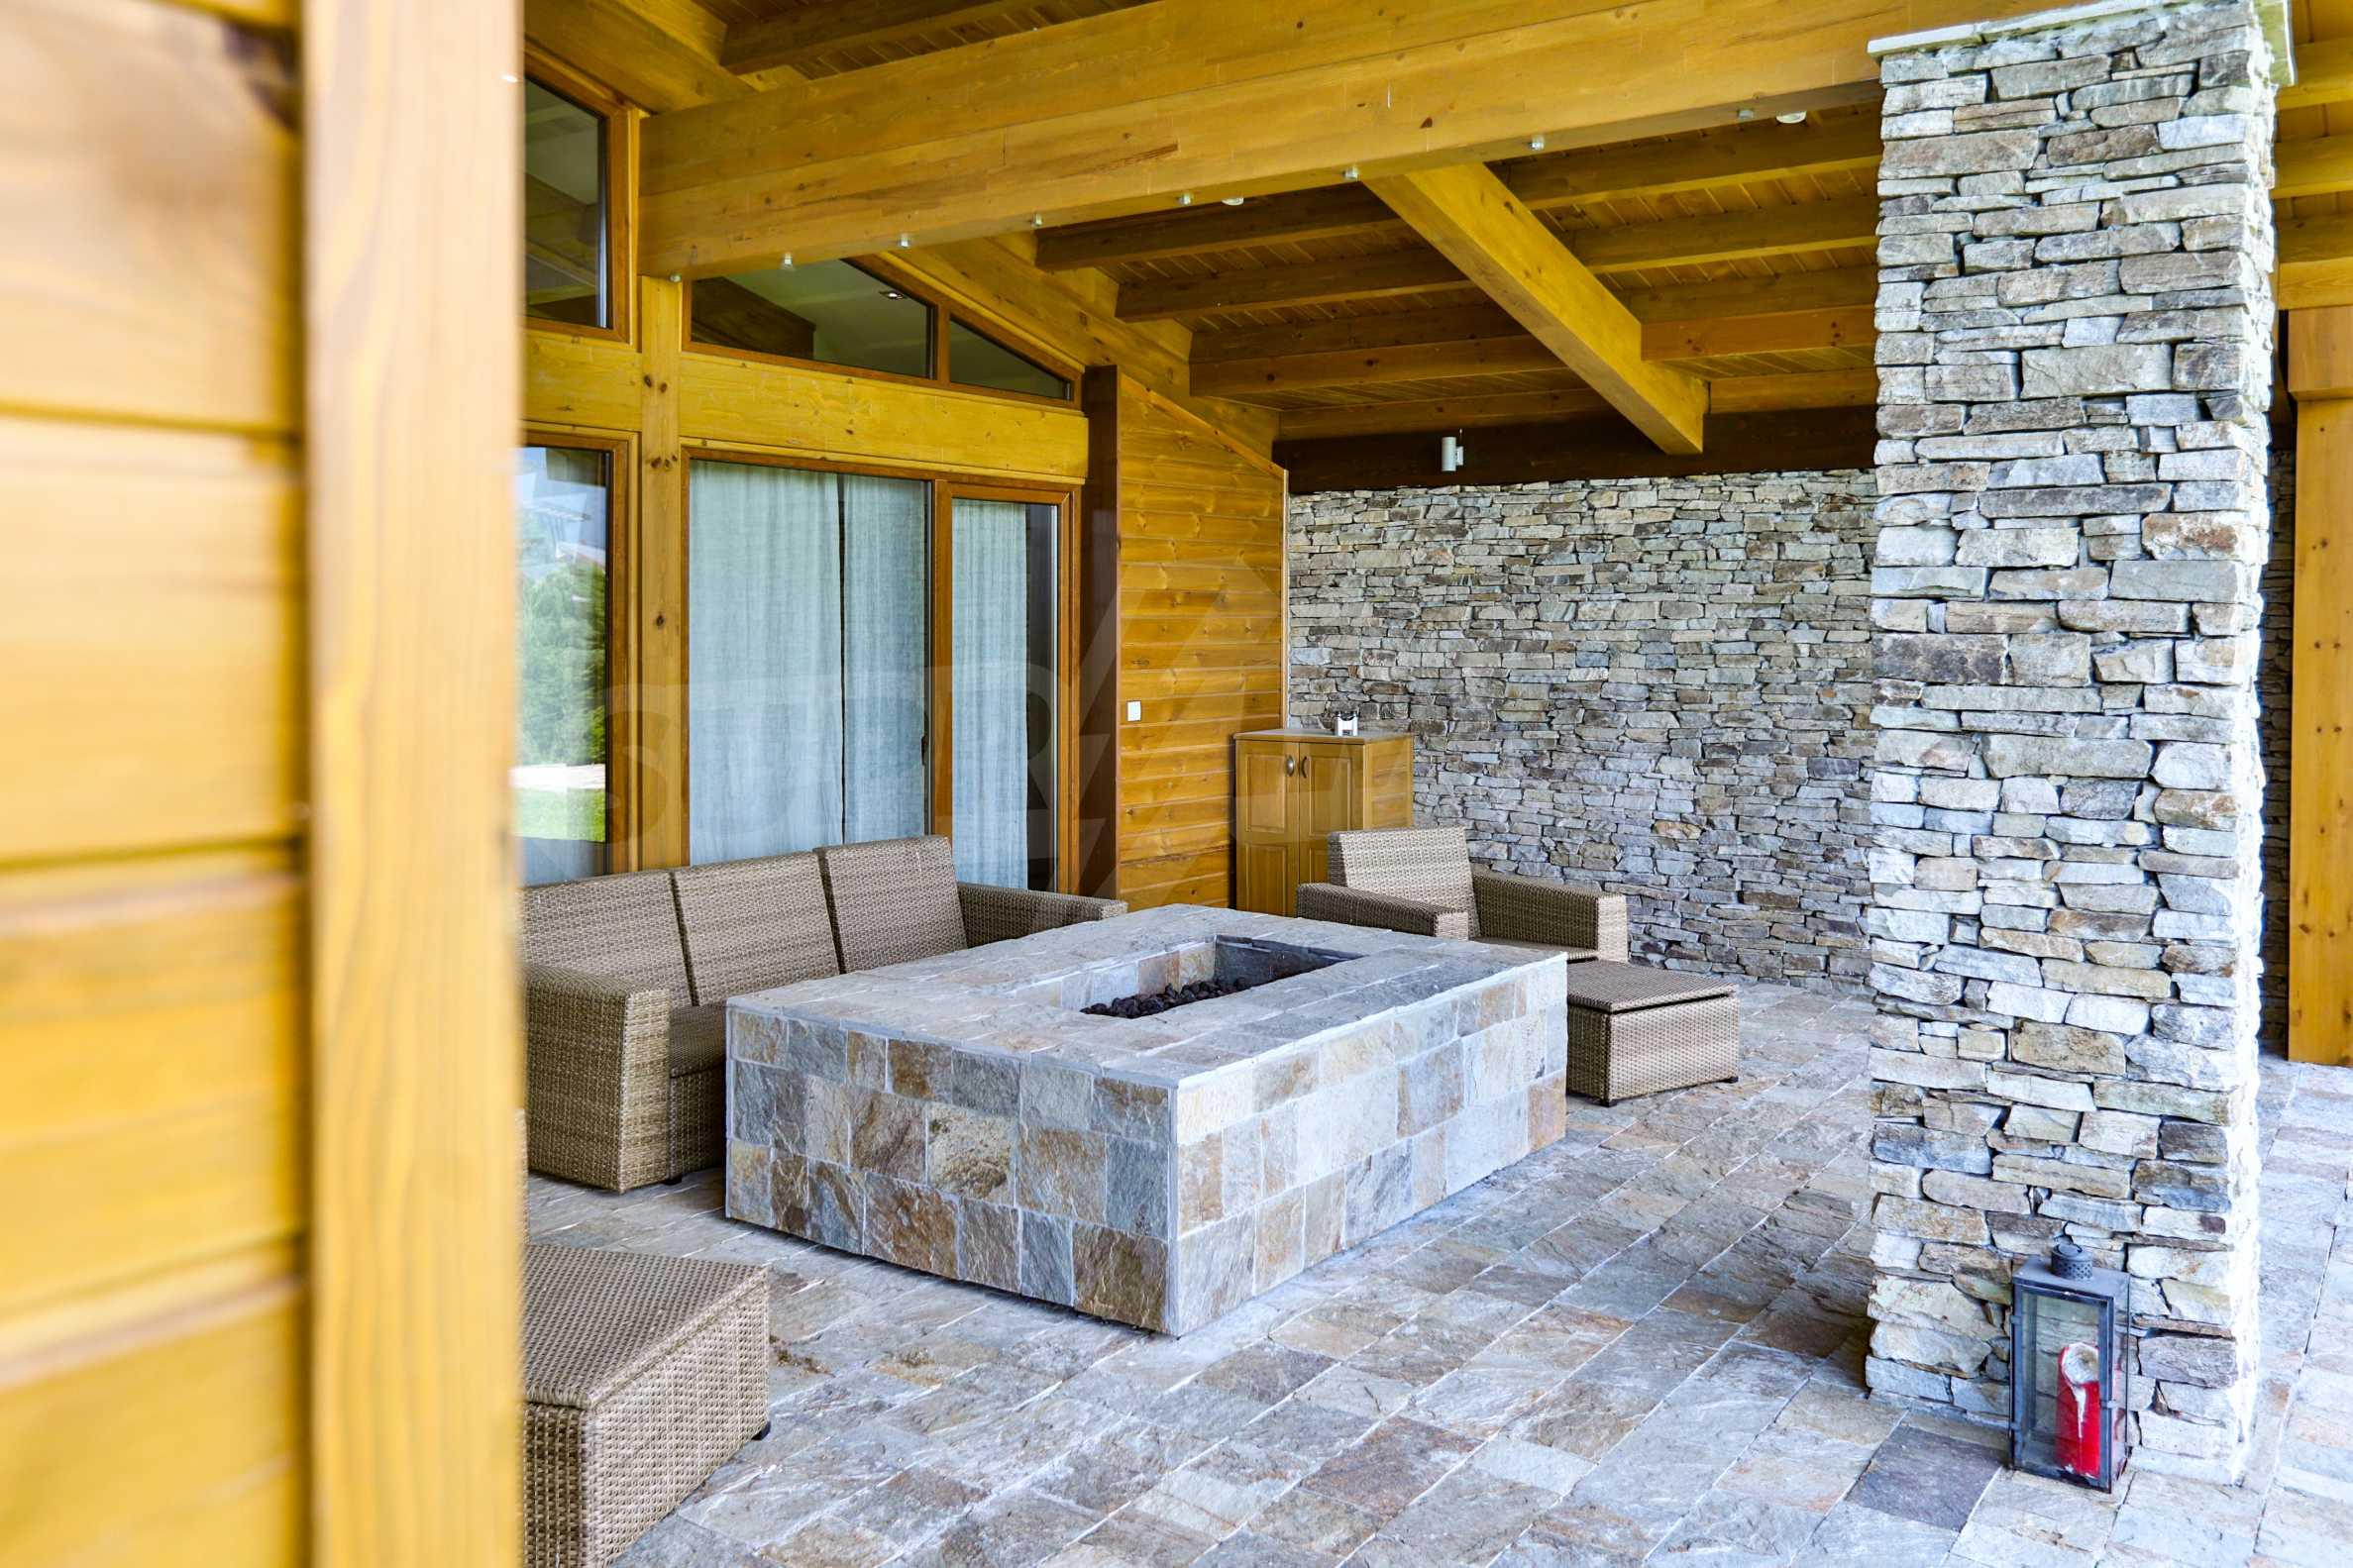 Луксозна вила под наем в  Pirin Golf & Country Club в сърцето на Пирин планина 20